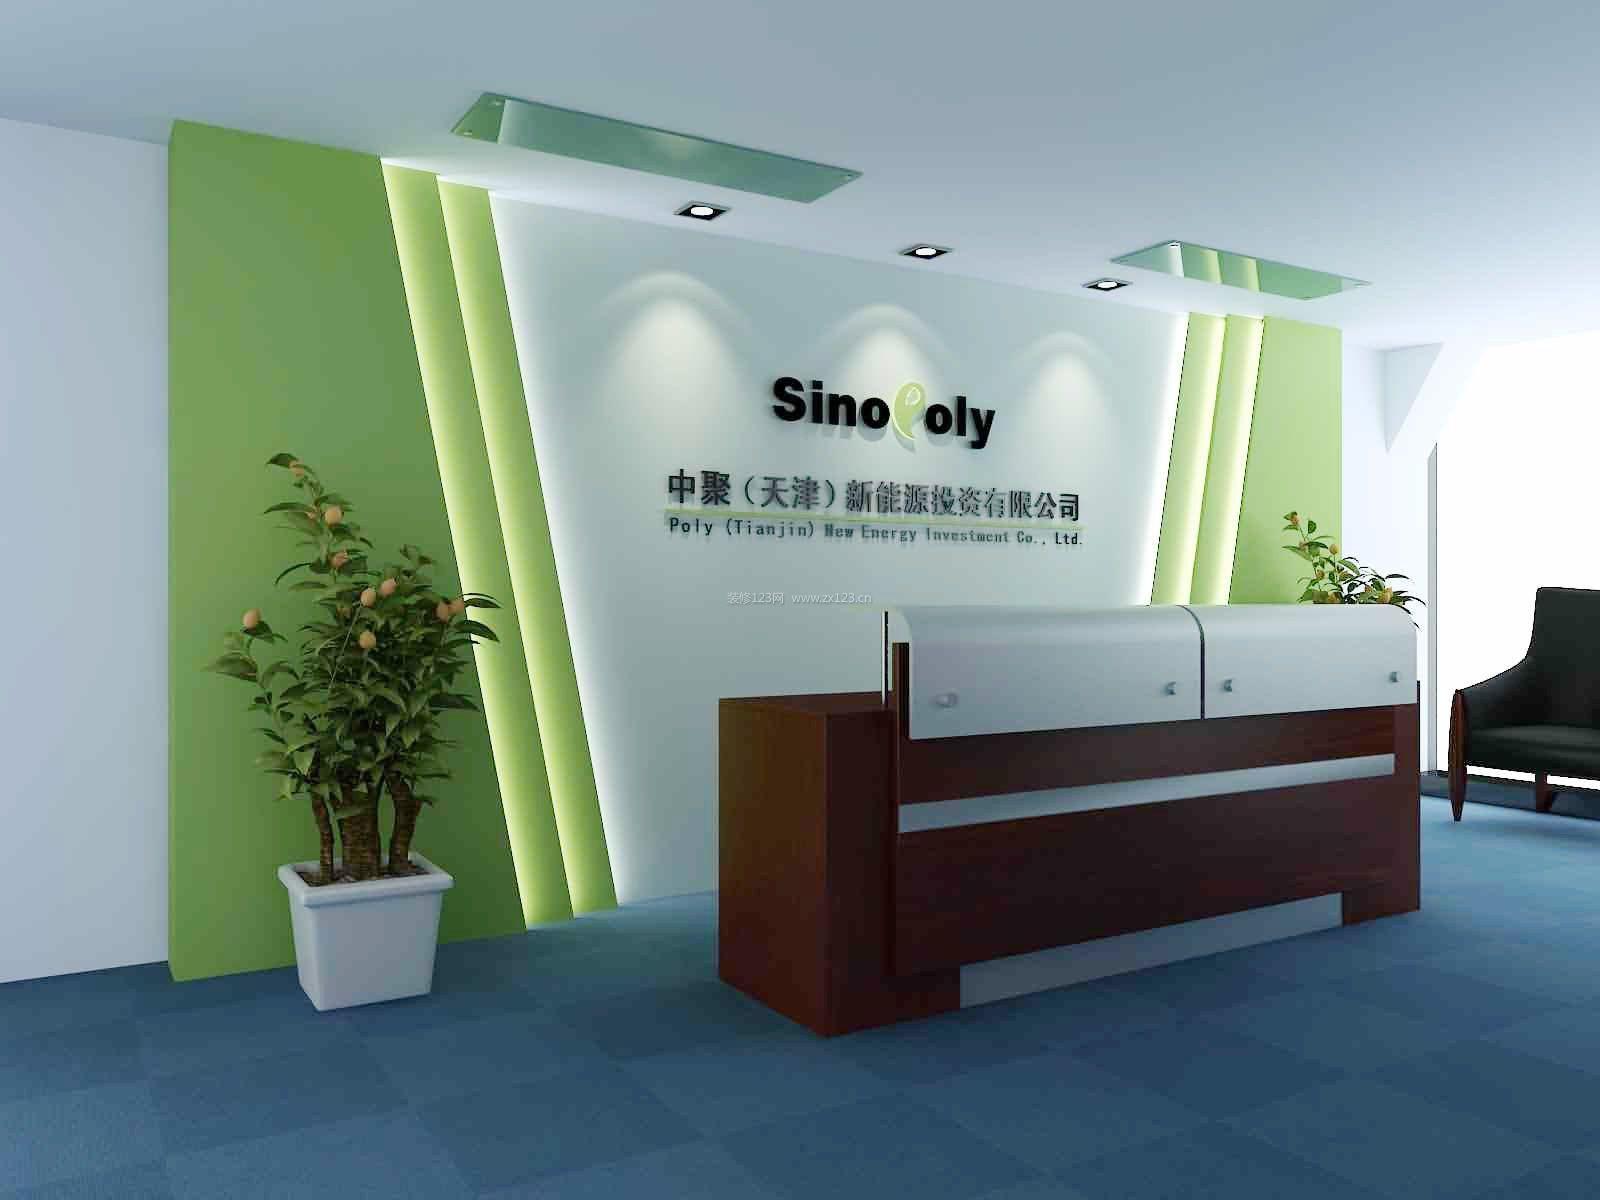 投资公司logo形象墙设计_装修123效果图